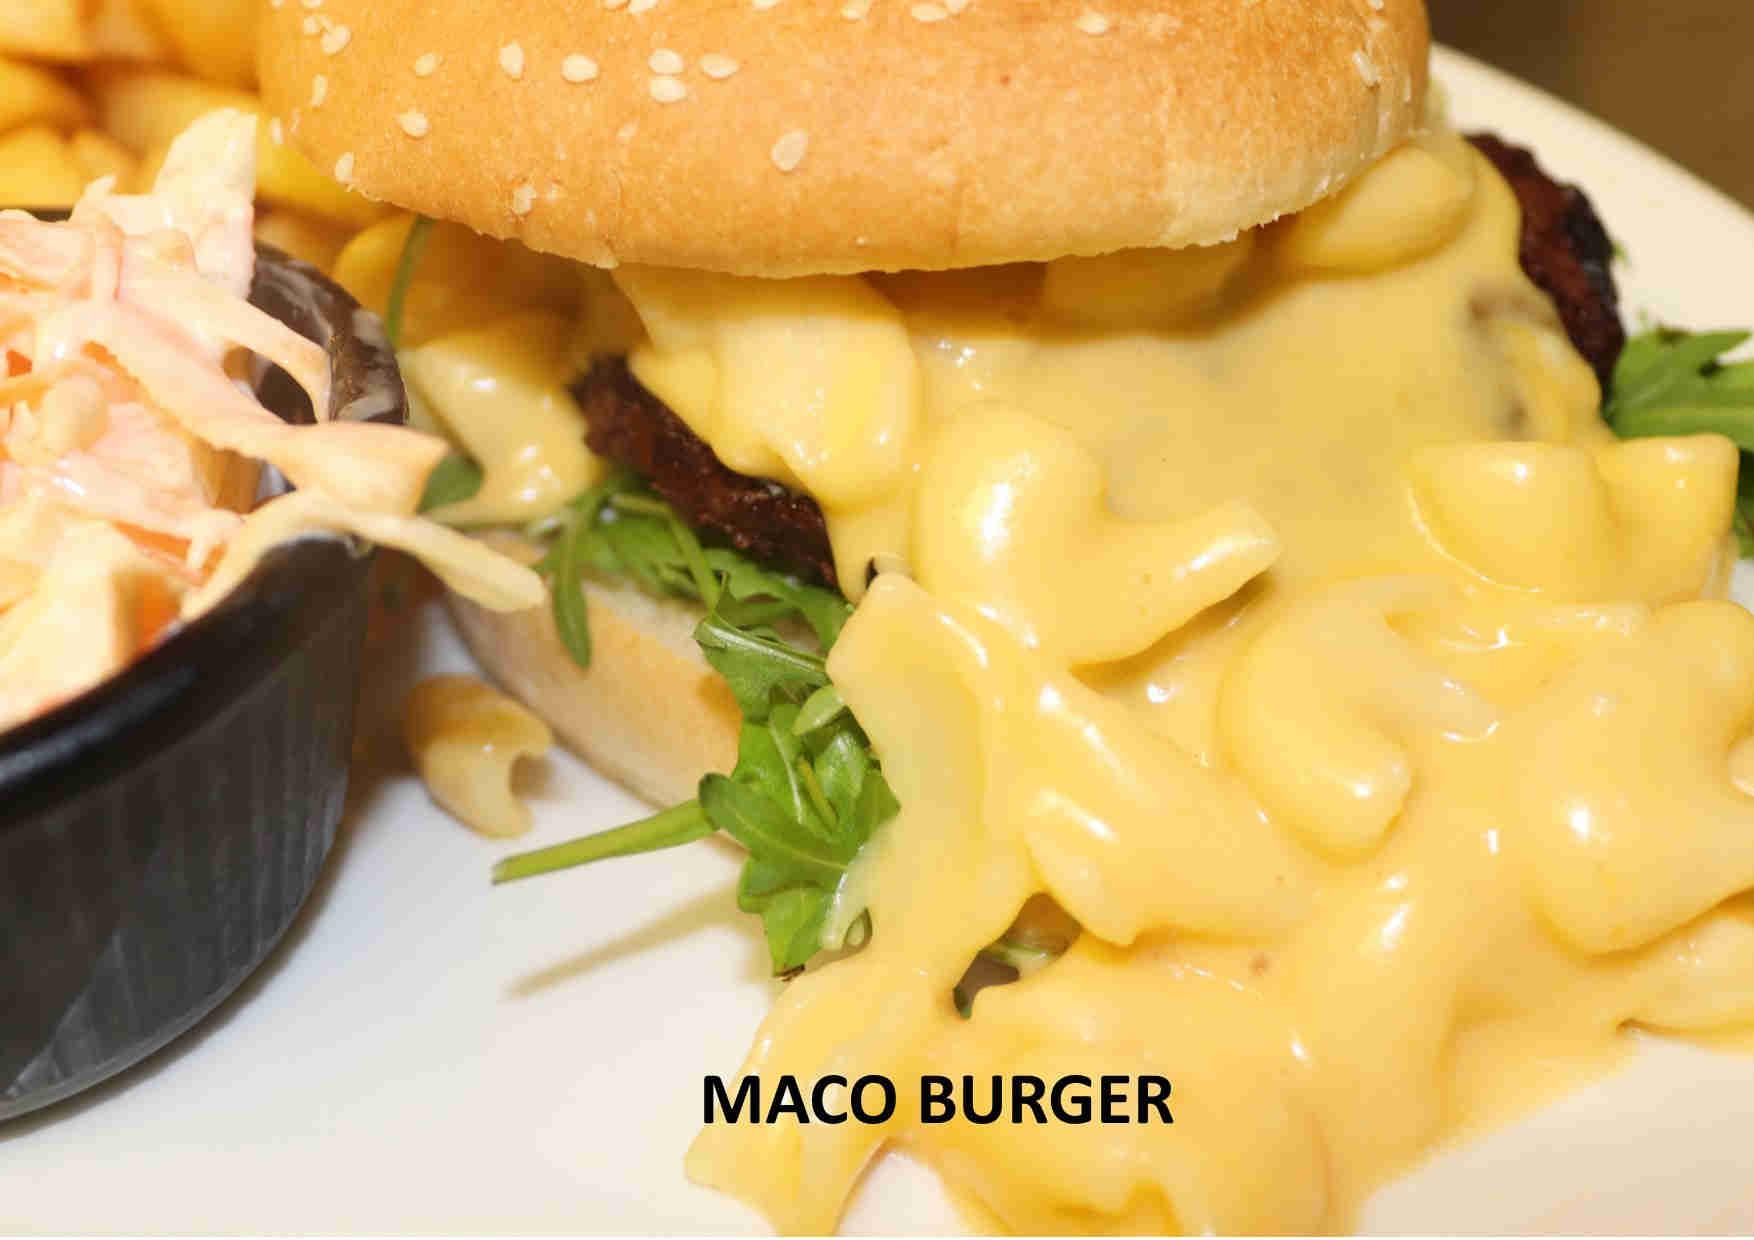 MACO BURGER